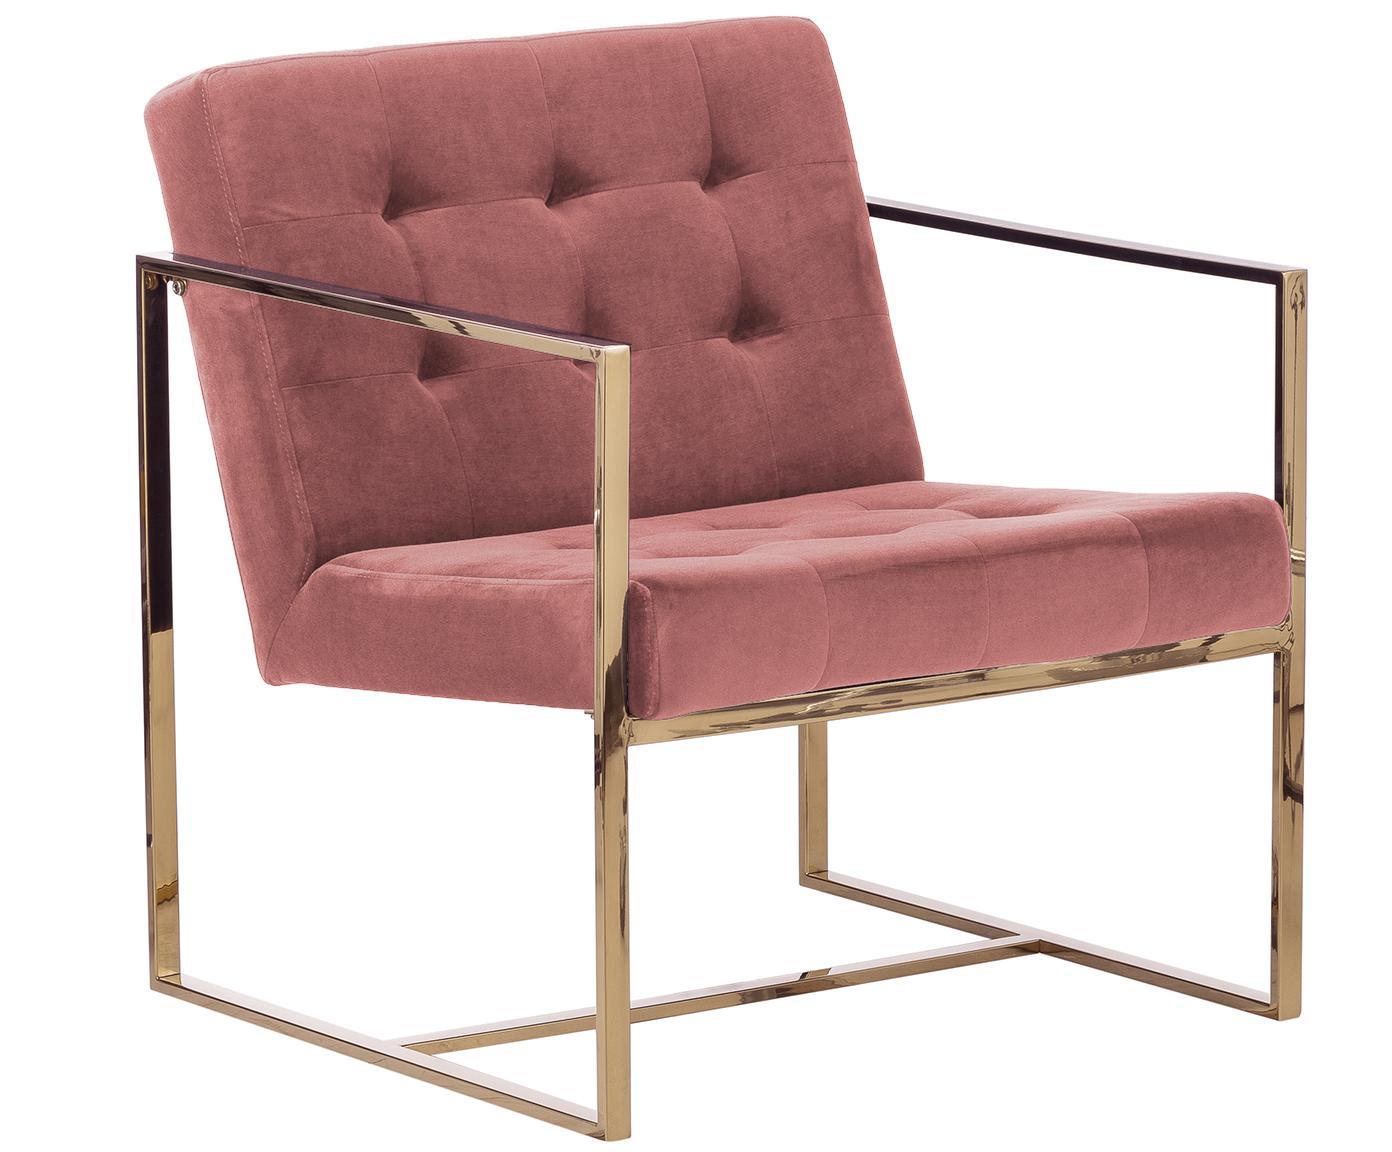 Sillón de terciopelo Manhattan, Tapizado: terciopelo (poliéster), Estructura: metal, recubierto, Rosa palo, An 70 x F 72 cm